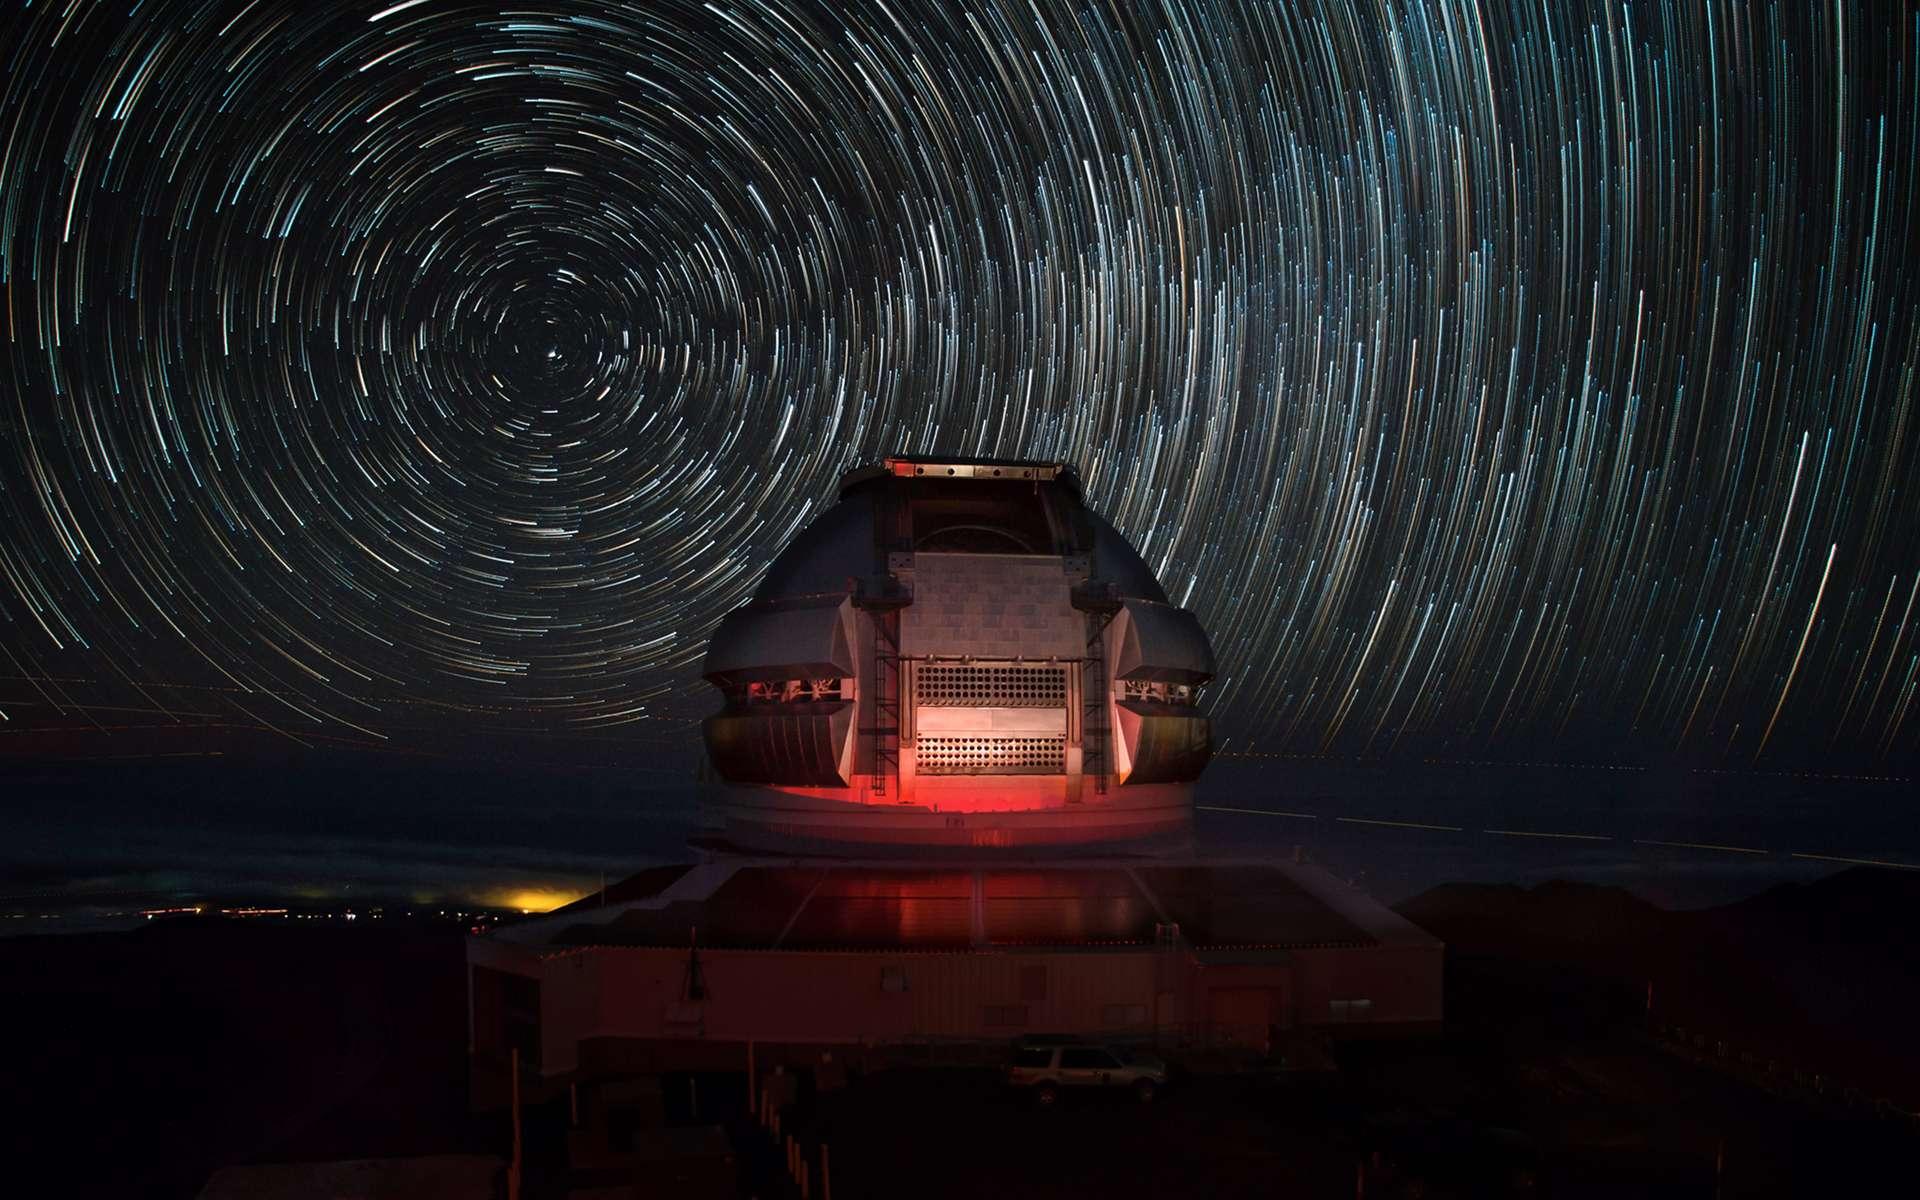 L'observatoire Gemini North, situé à Hawaï, permet d'observer, avec l'aide de son jumeau Gemini South, situé au Chili, la totalité de la voûte céleste. Équipé d'un télescope de 8,1 mètres de diamètre, il s'agit d'un des observatoires les plus performants du monde. © Joy Pollard, Observatoire Gemini.